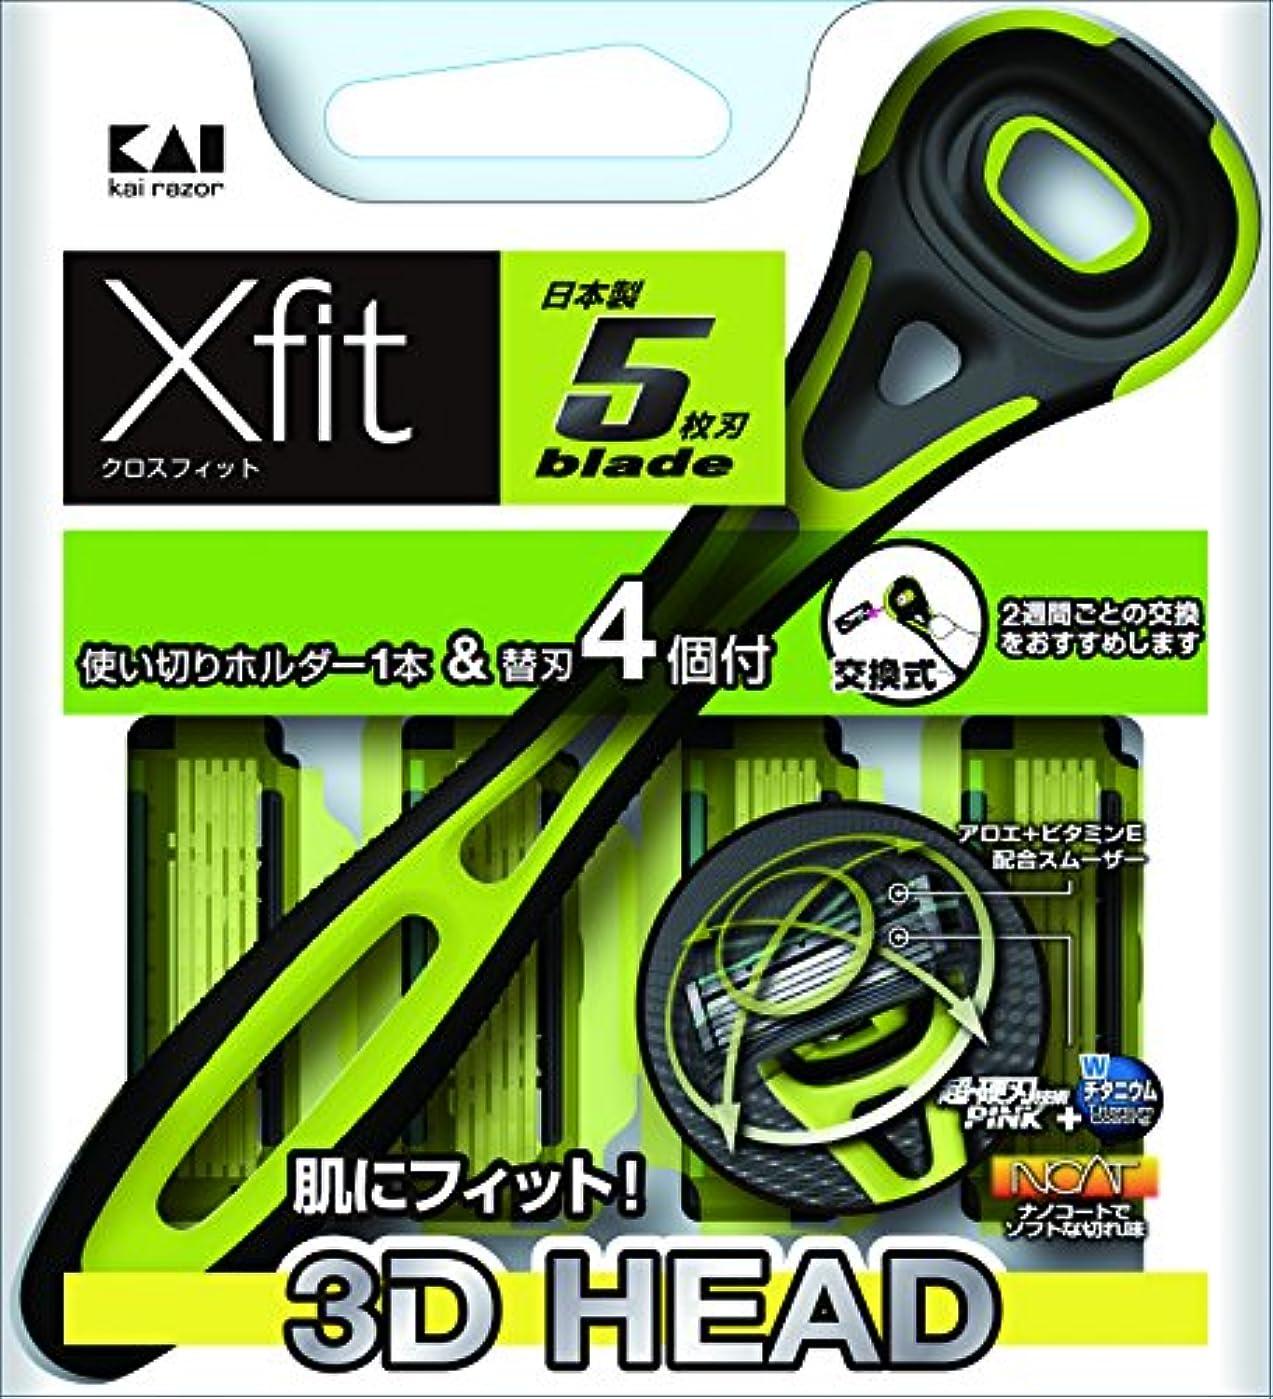 第二猛烈なタクトXfit(クロスフィット)5枚刃 クリアパッケージ 使い切りホルダー+替刃4個